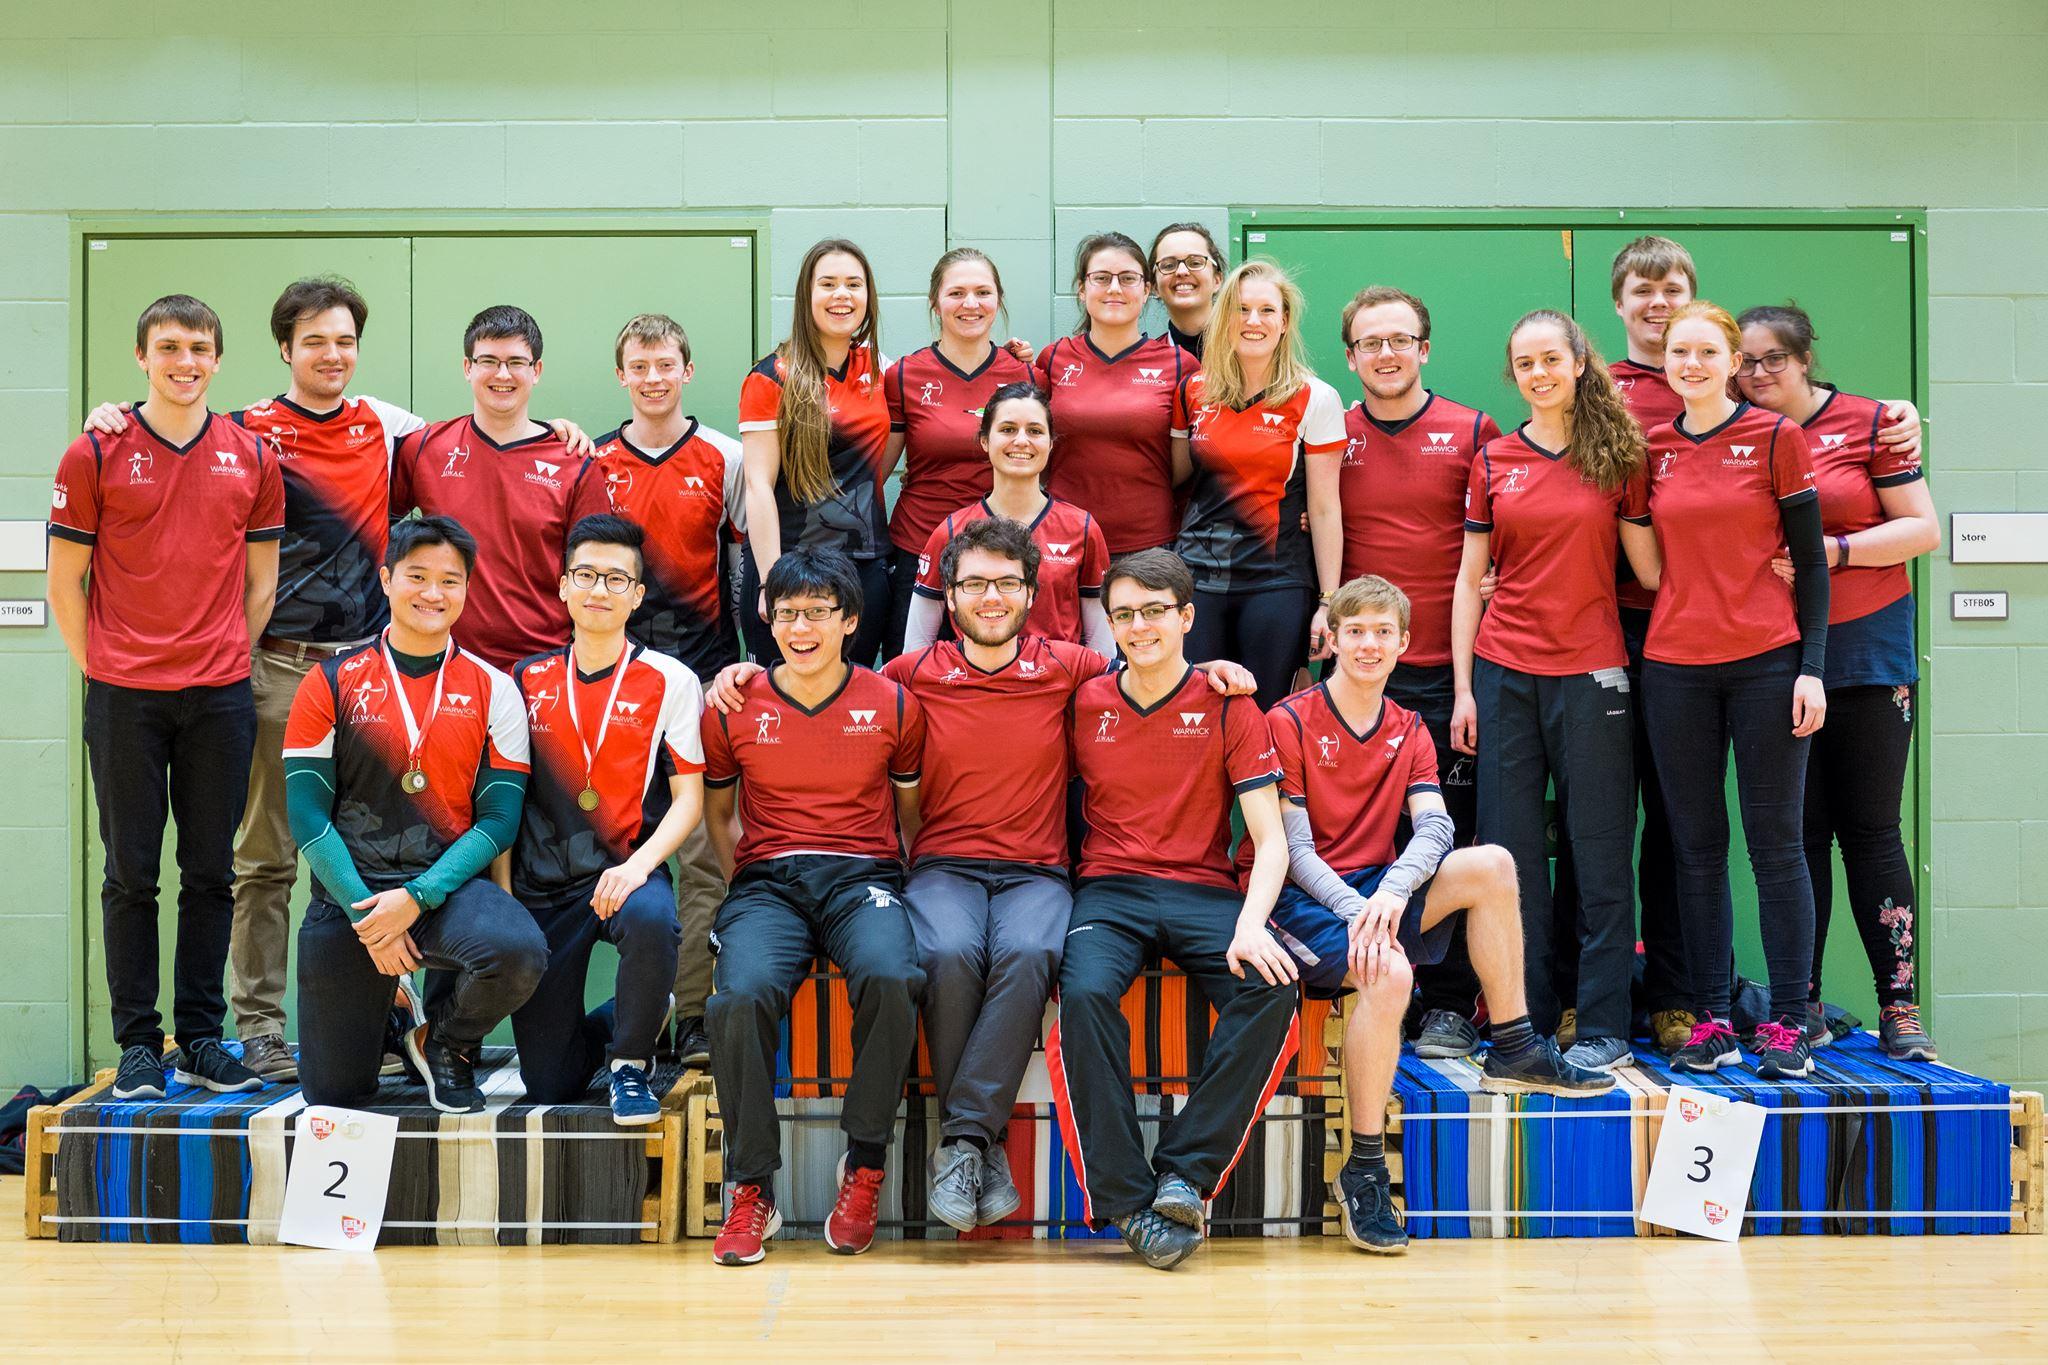 University of Warwick Archery Club